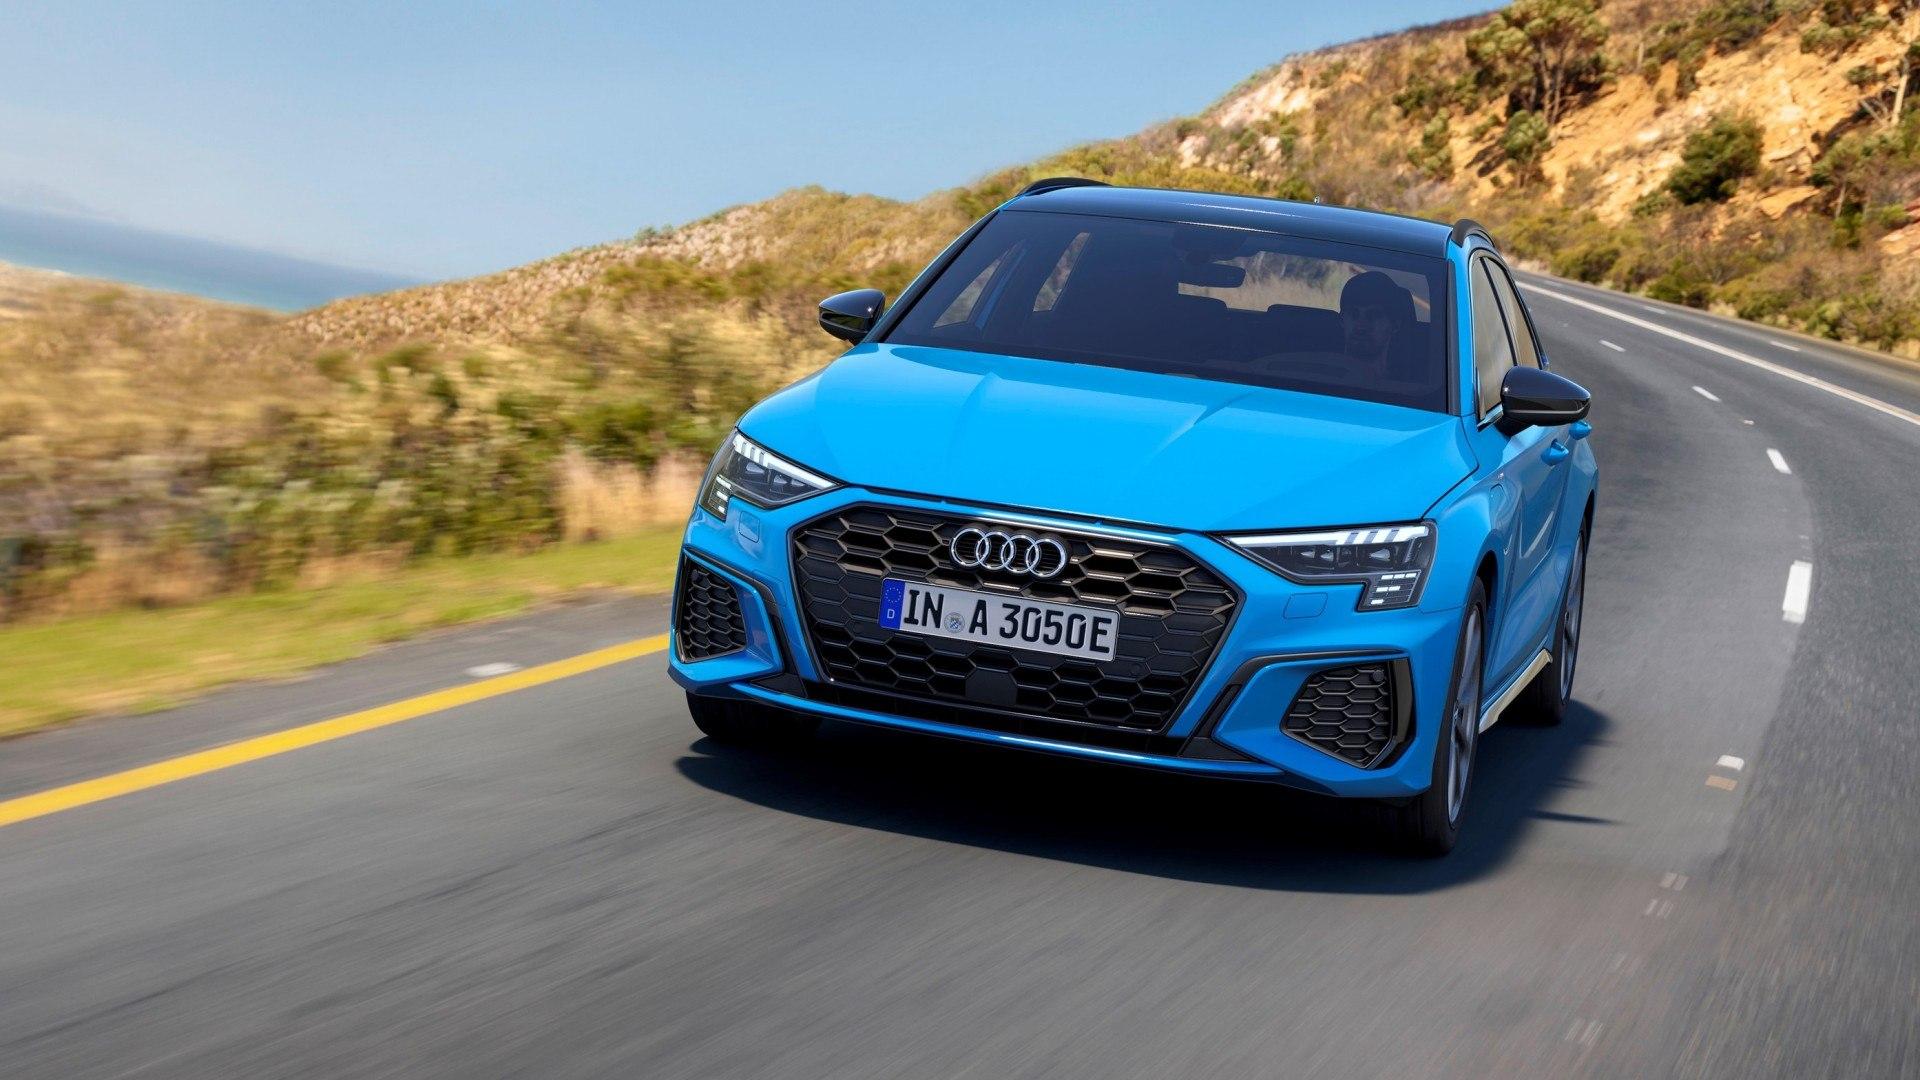 Audi A3 Sportback 40 TFSIe, así es la nueva vertiente híbrida enchufable